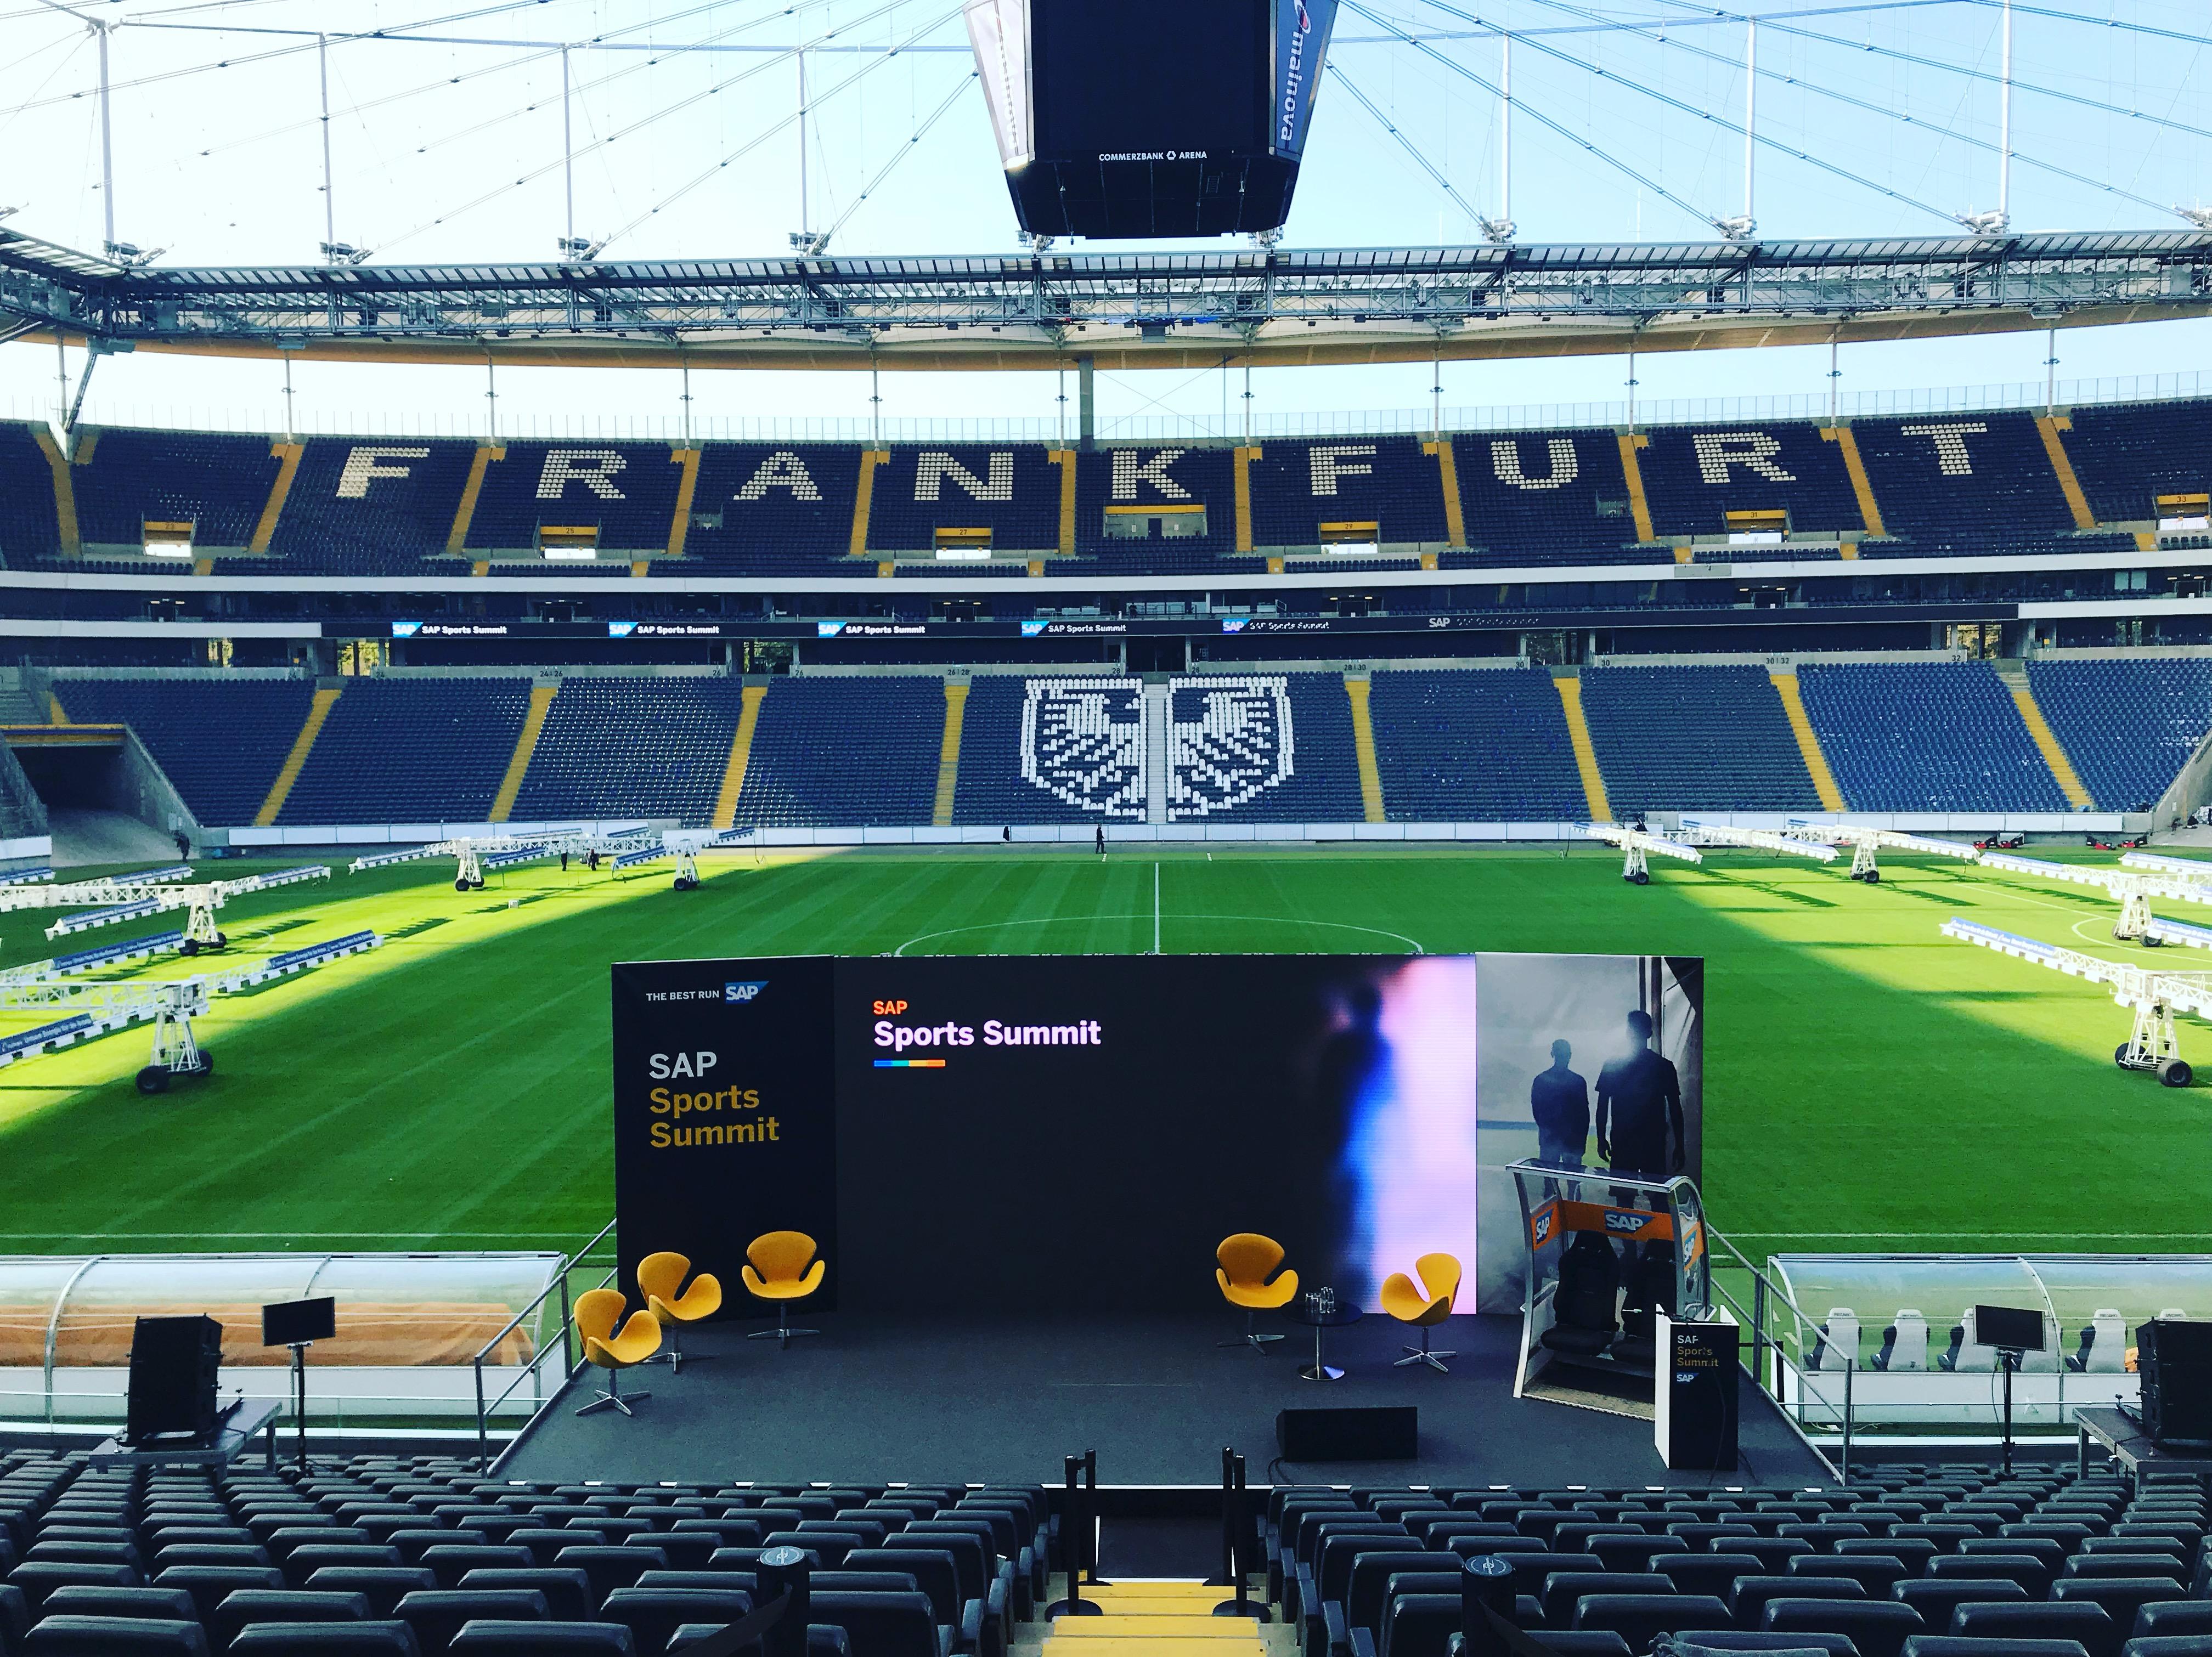 SAP Sports Summit 2018